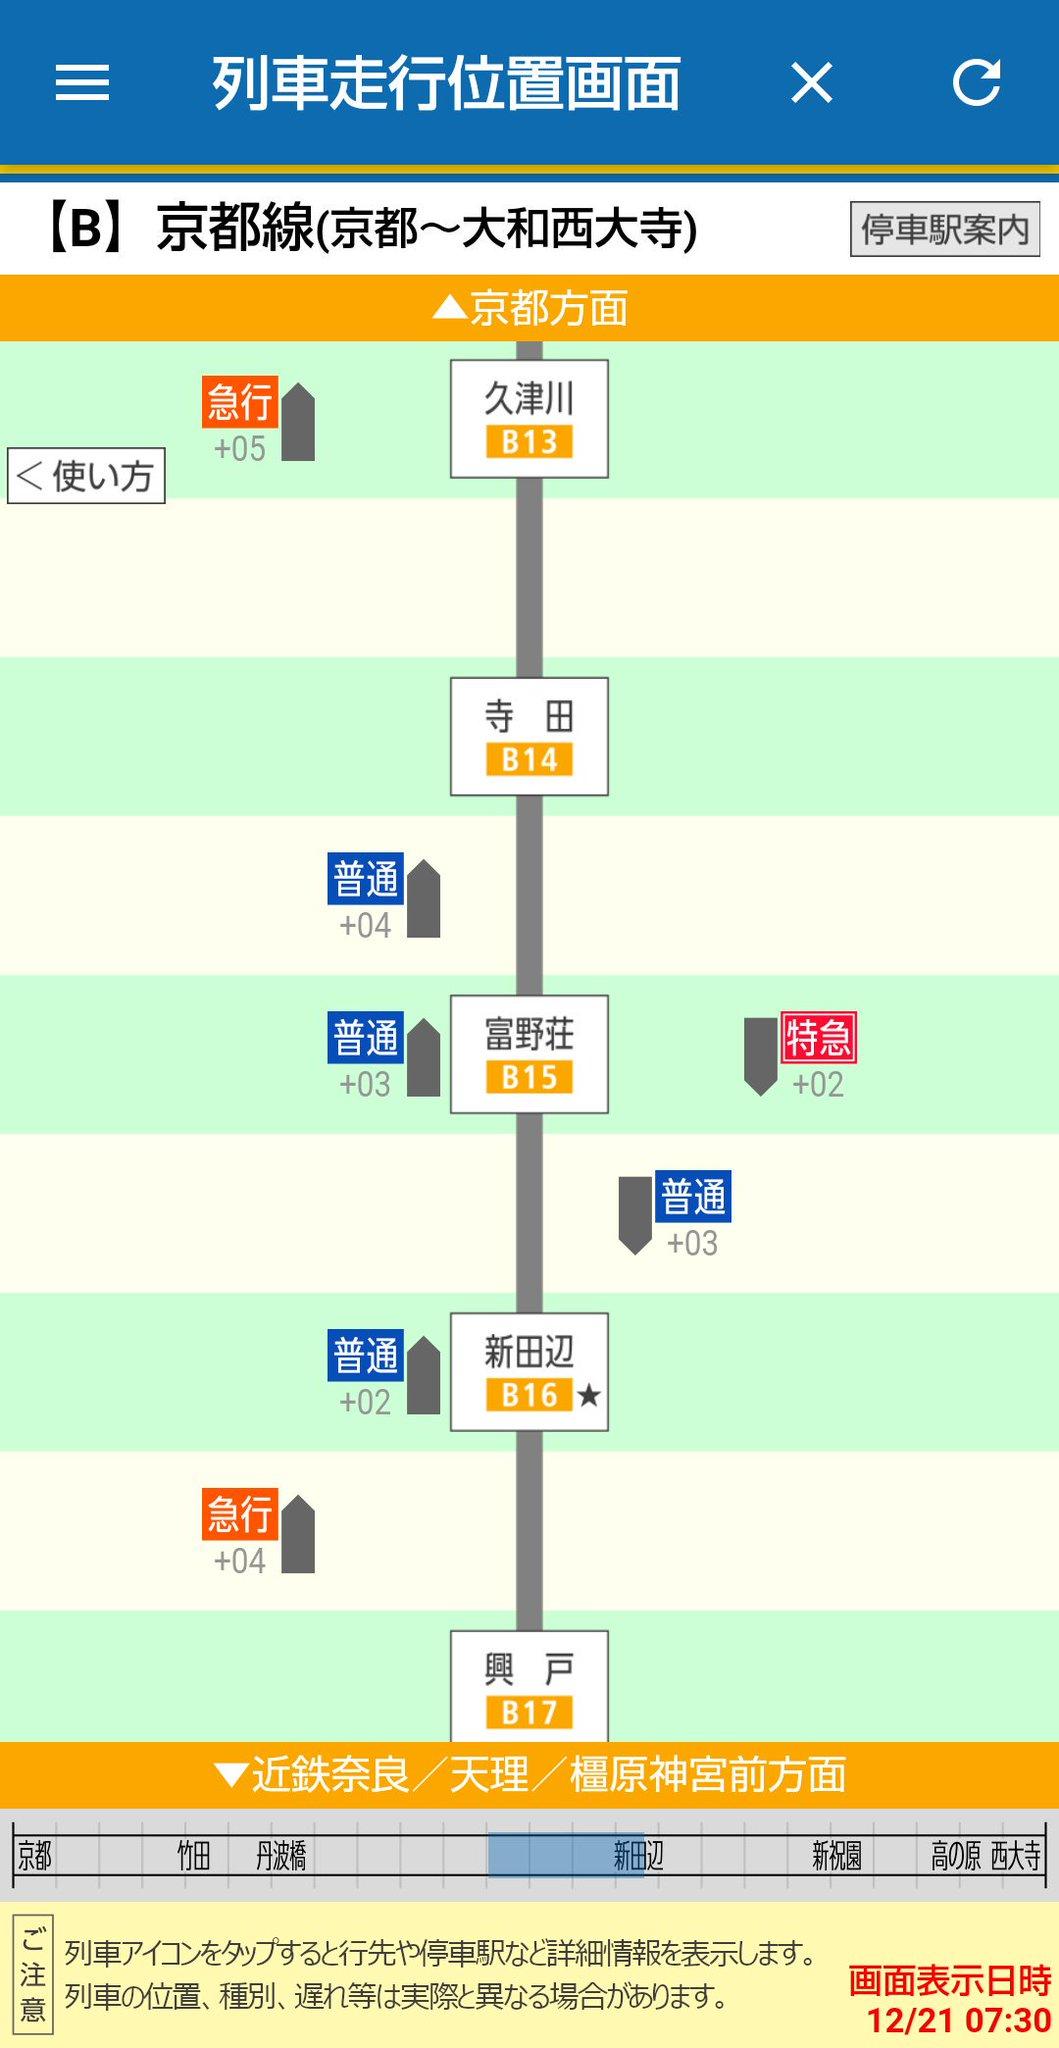 画像,京都線各停なにしてんの https://t.co/EsNR6FxVSo。